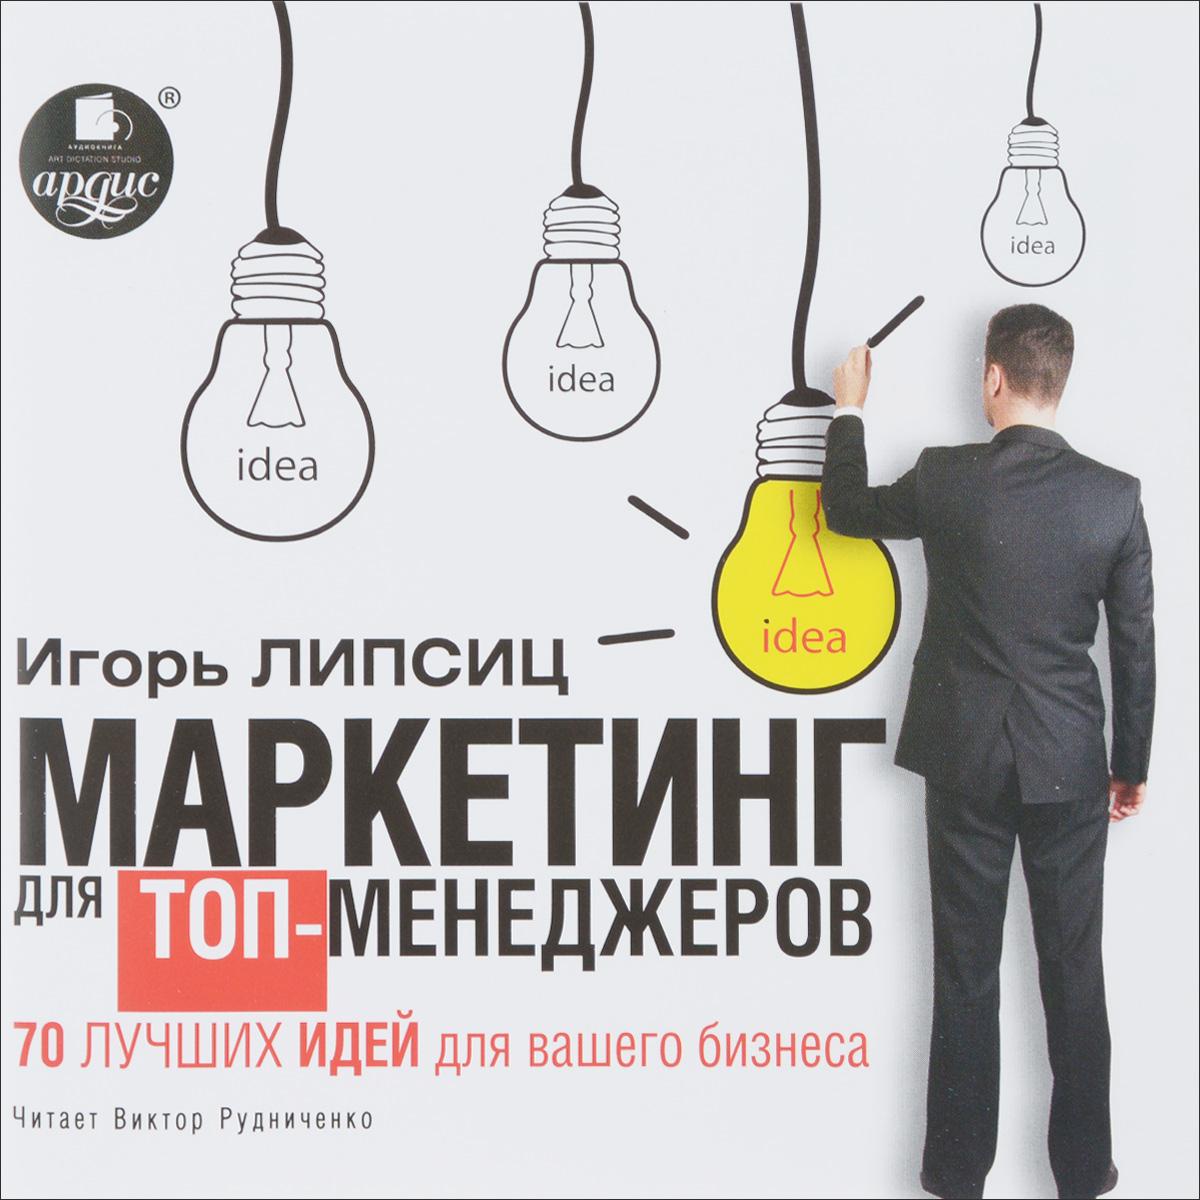 Маркетинг для топ-менеджеров. 70 лучших идей для вашего бизнеса (аудиокнига MP3)12296407Аудиокнига Маркетинг для топ-менеджеров предназначена менеджерам самого высшего звена для принятия наилучших решений по развитию бизнеса. В этом им способны помочь идеи и инструменты современного маркетинга. Но выделить самое интересное в море литературы по маркетингу - задача крайне тяжелая. Помощь в ее решении и предлагает доктор экономических наук, профессор НИУ-ВШЭ Игорь Владимирович Липсиц. Он известен как один из создателей российской системы экономического образования для школьников и один из лучших преподавателей российского бизнес-образования. Из материалов лекций, читаемых им для слушателей MBA и Executive MBA, он отобрал 70 маркетинговых идей, которые могут быть наиболее полезны для руководителей современных российских компаний. Эти идеи охватывают все основные аспекты маркетинговых операций, и знакомство с ними поможет отечественным менеджерам вырабатывать эффективные конкурентные стратегии развития во все более сложной ситуации на отечественных рынках товаров и услуг.